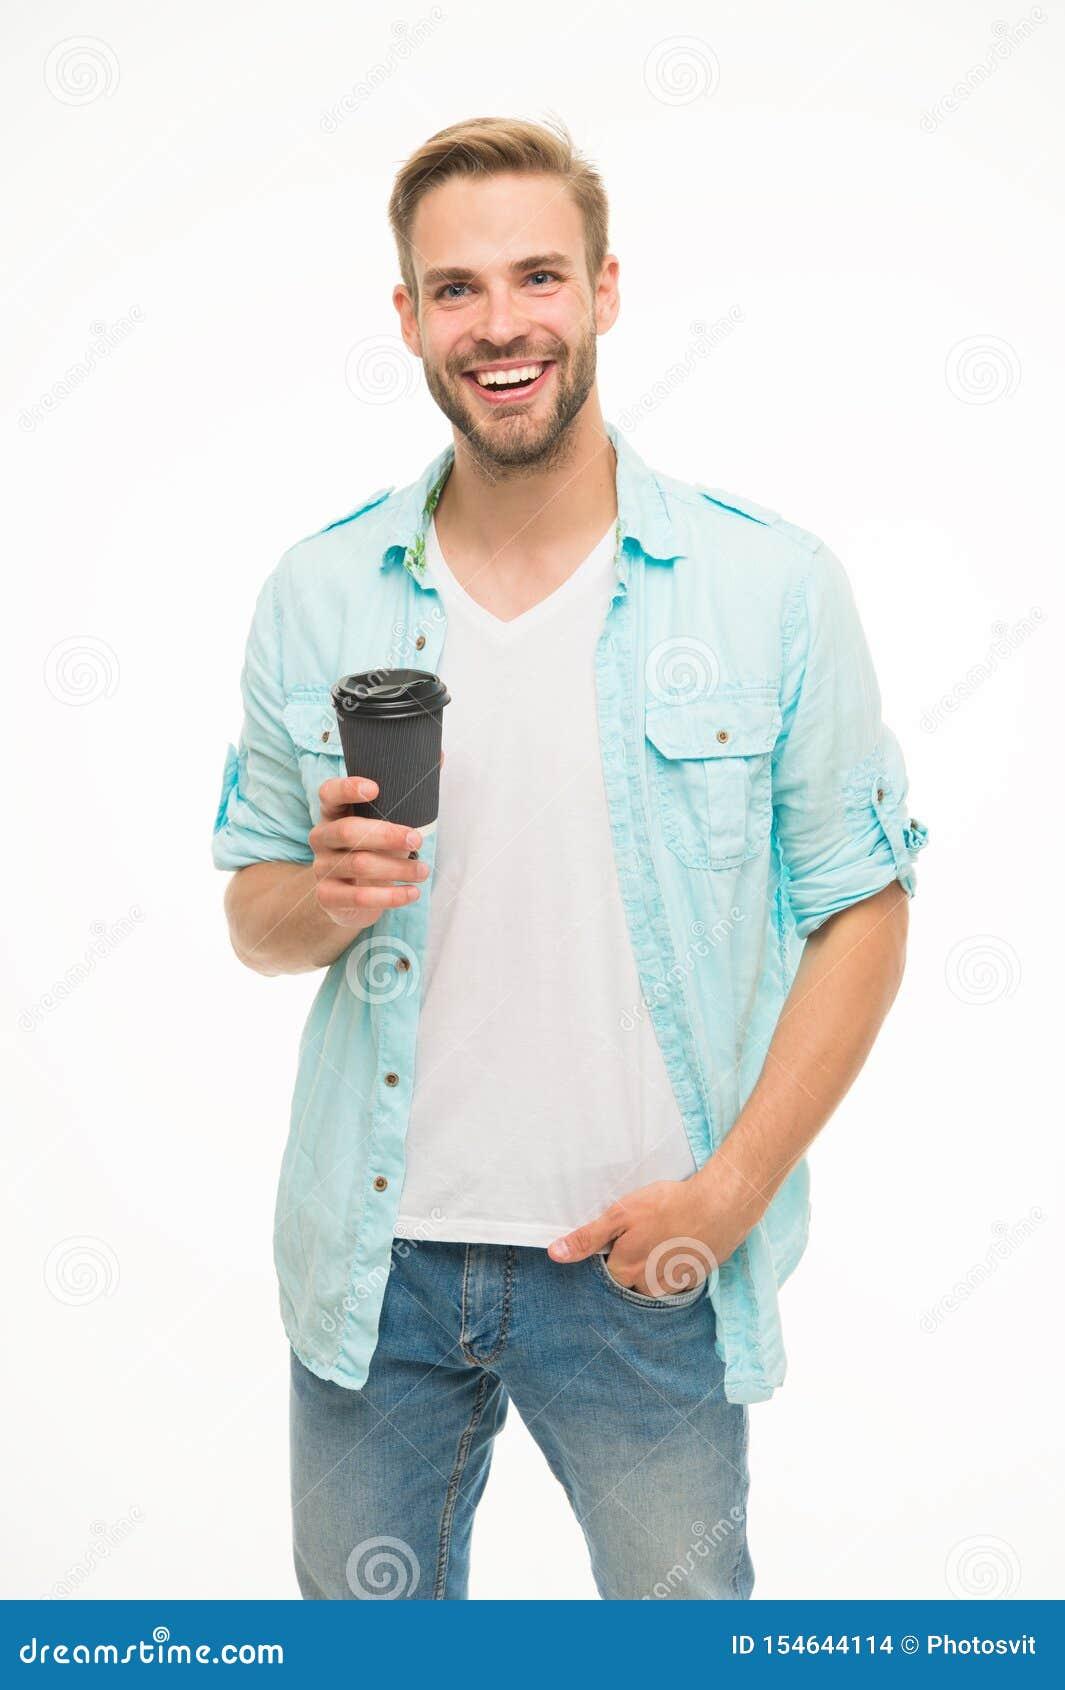 Kawa nastrój na dobre Recyclable fili?anka Modnisia mężczyzny chwyta papieru filiżanka przesta? si? odpr??y? Pije mnie aktywnego